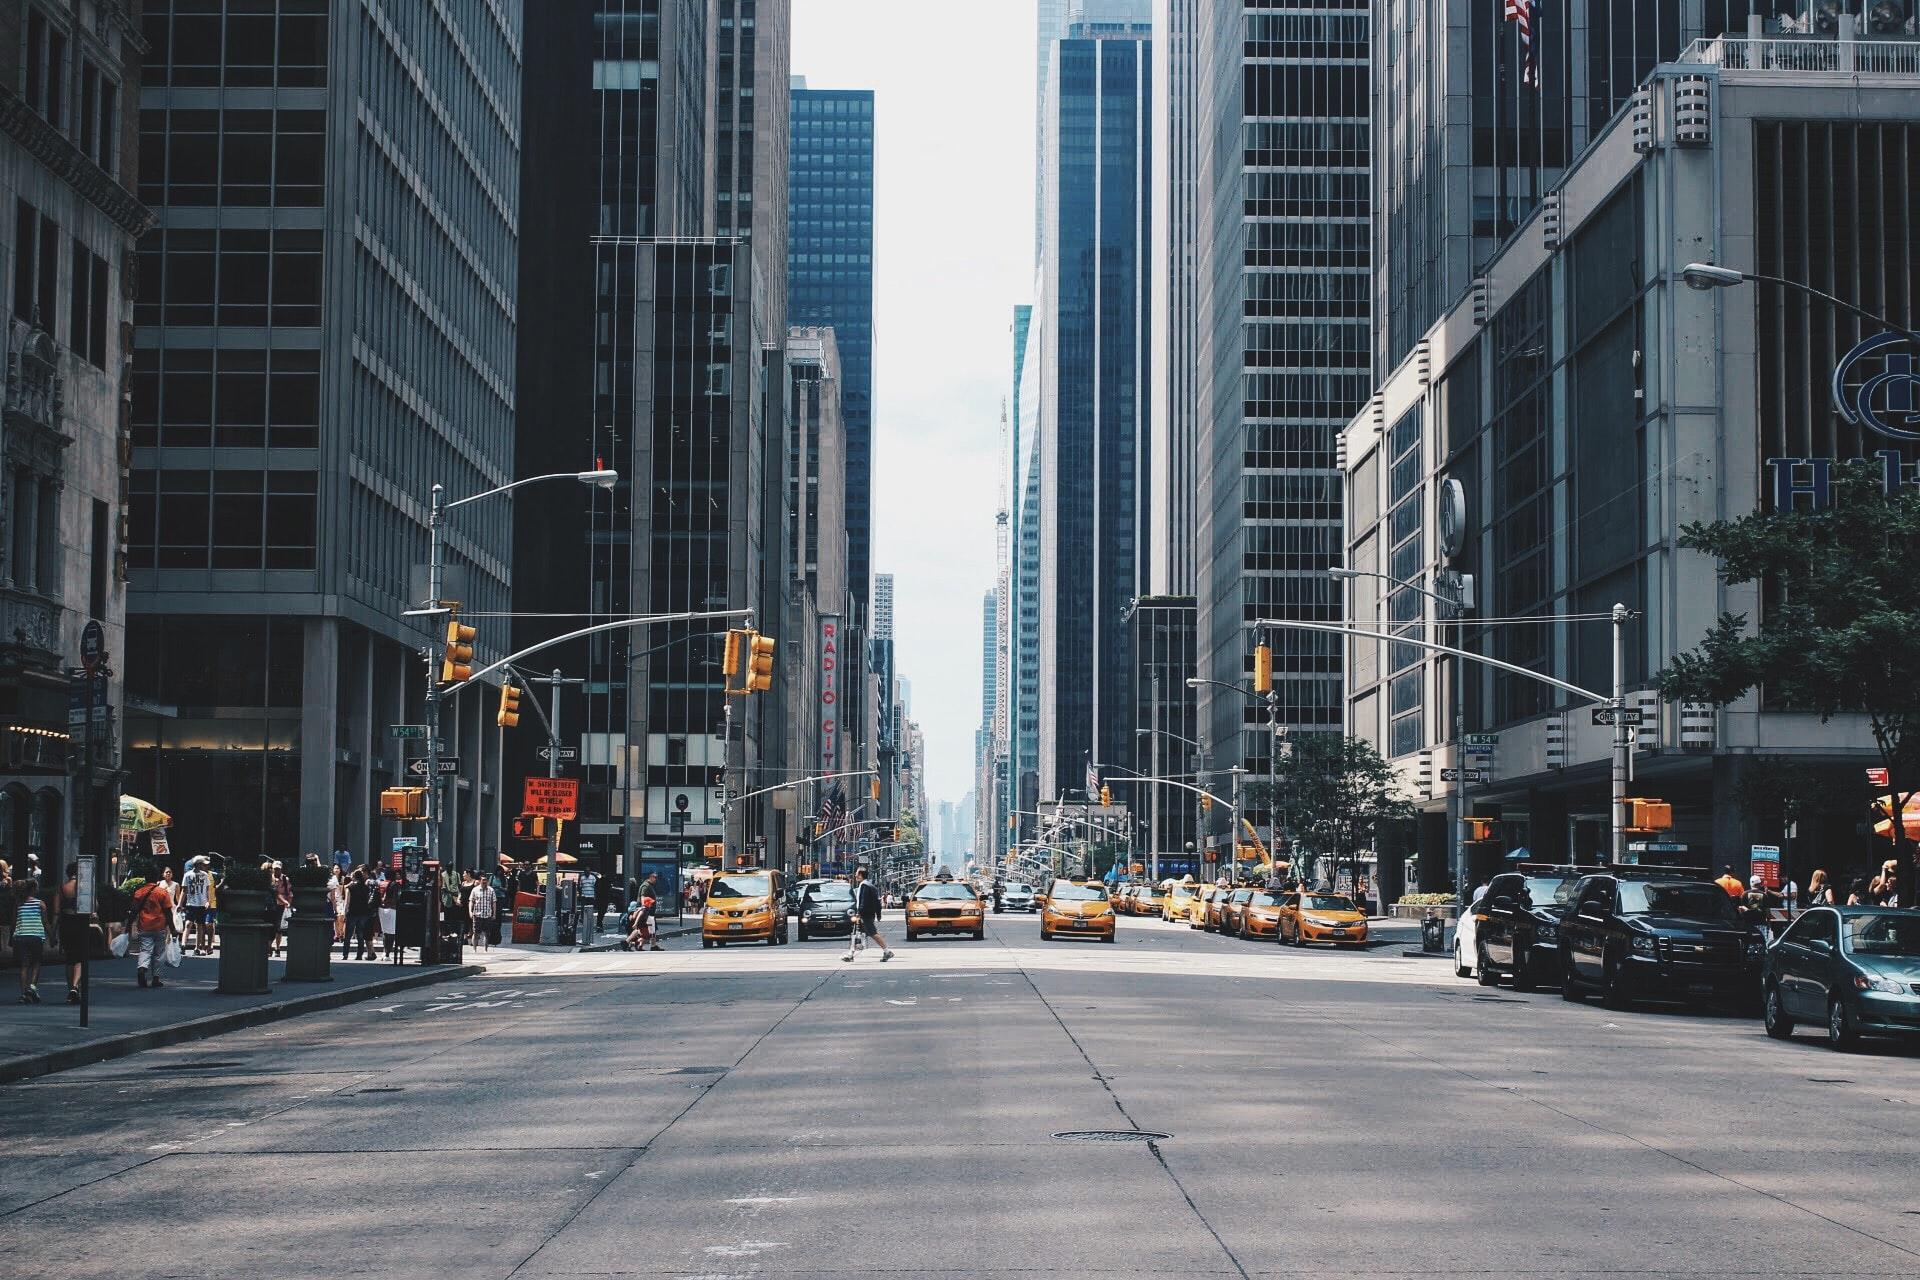 Toda e qualquer empresa, de qualquer setor, que precise executar planos de expansão e prospectar novas localizações para implantação de filiais precisa usar dados imobiliários. Photo by Andrea Cau / Unsplash